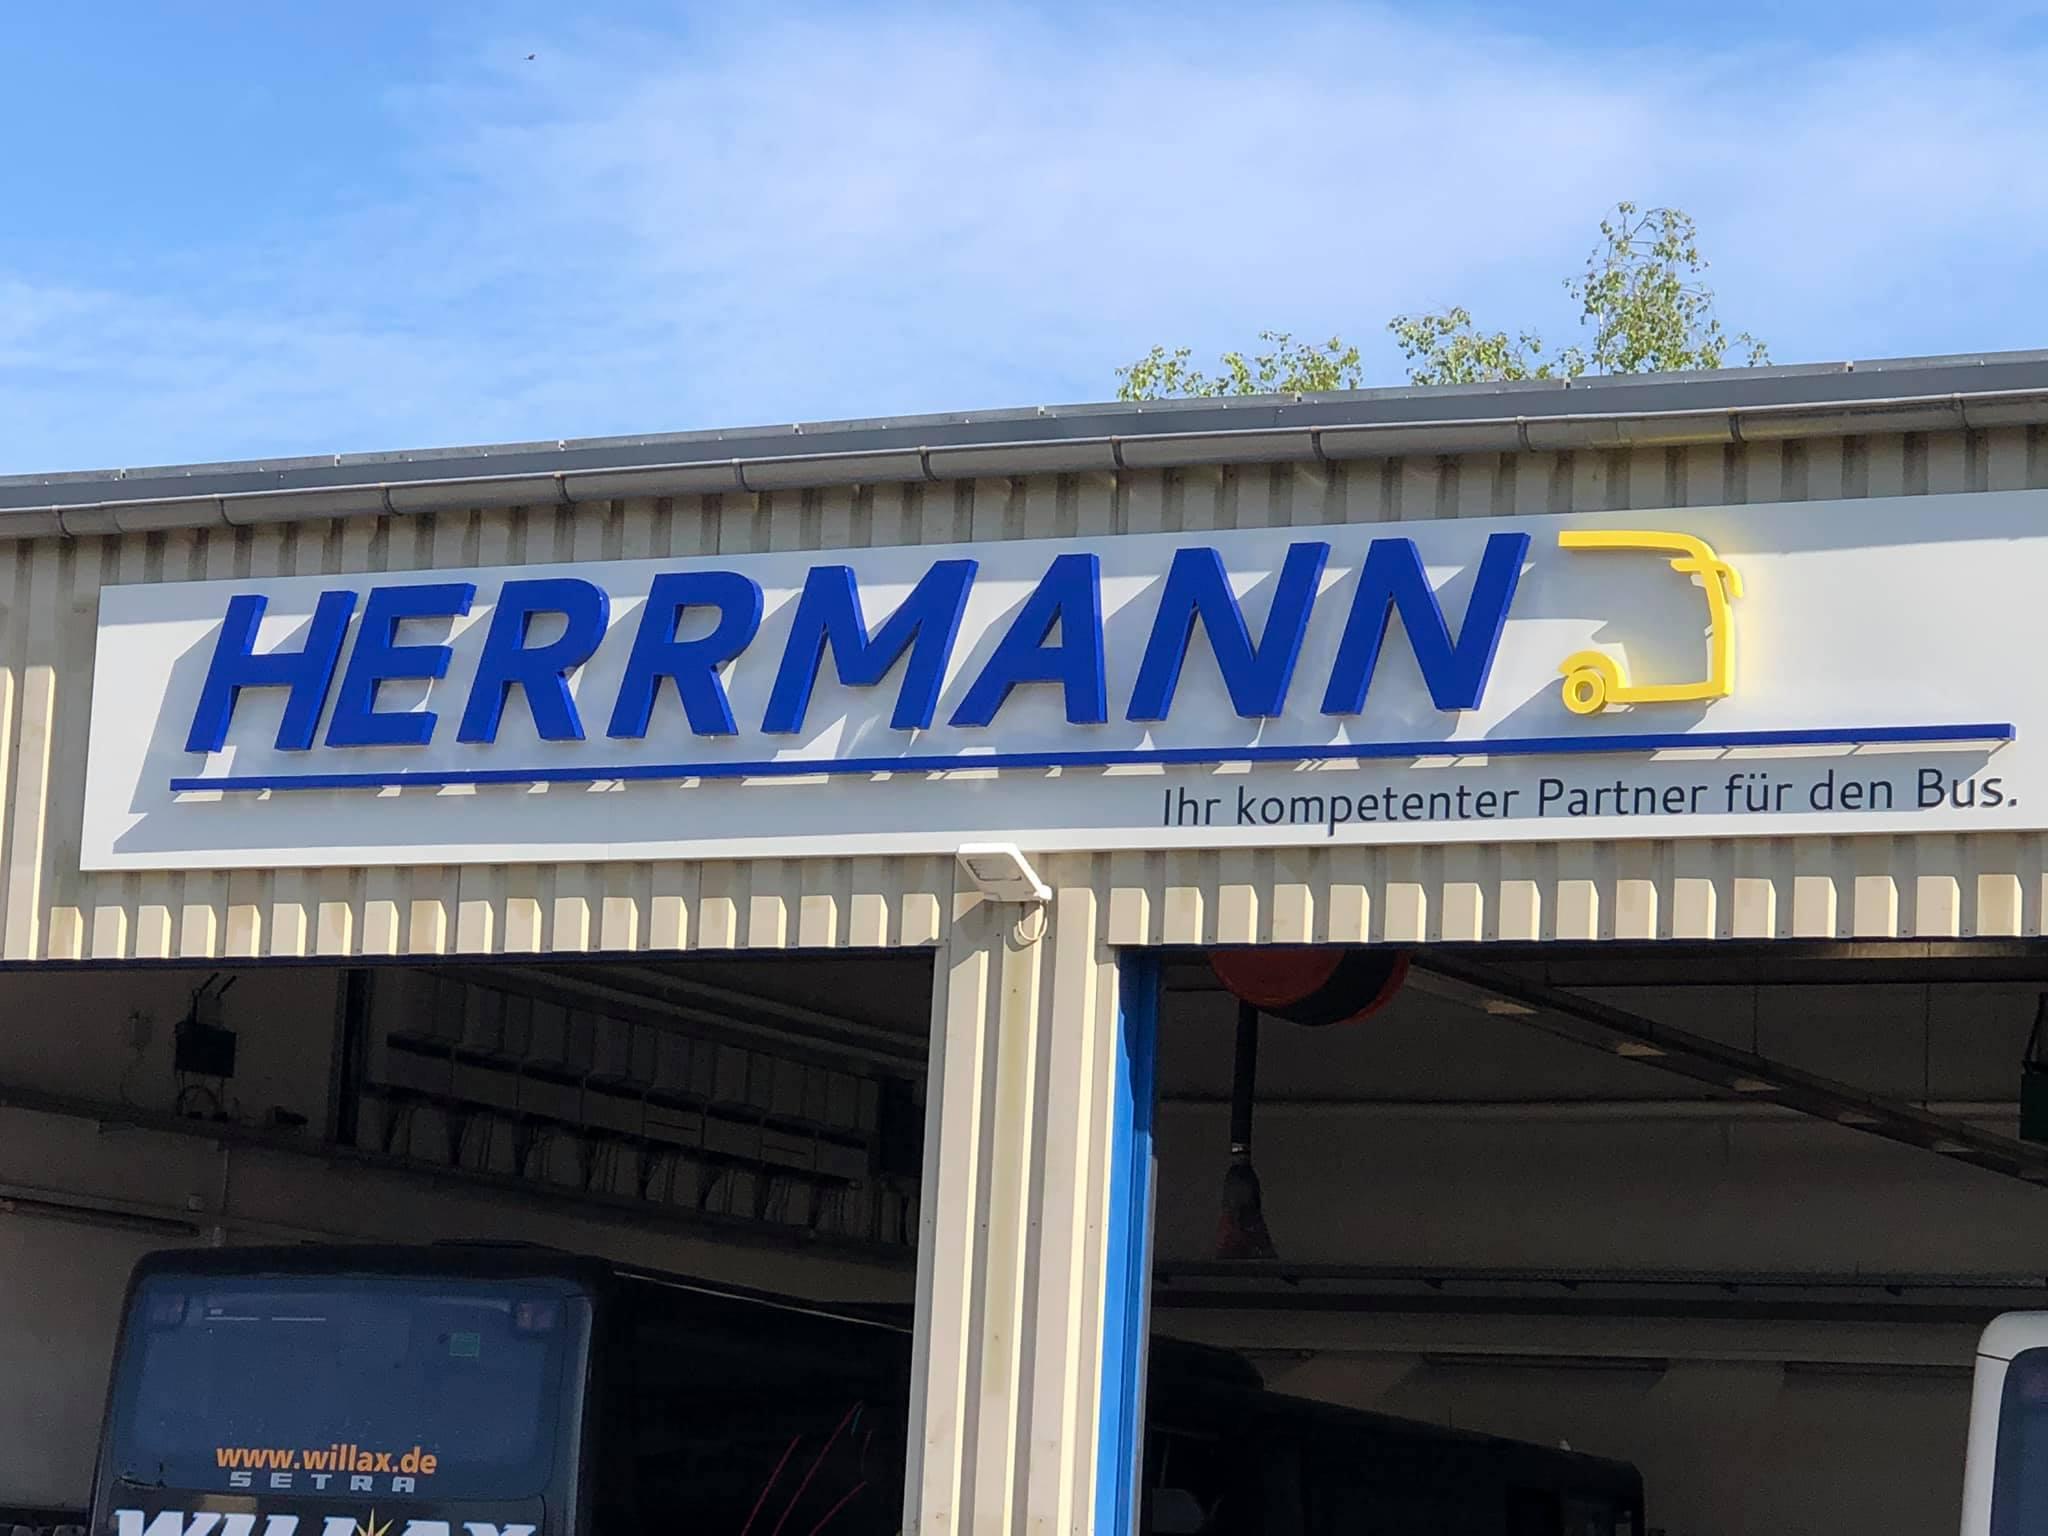 HERRMANN_logo